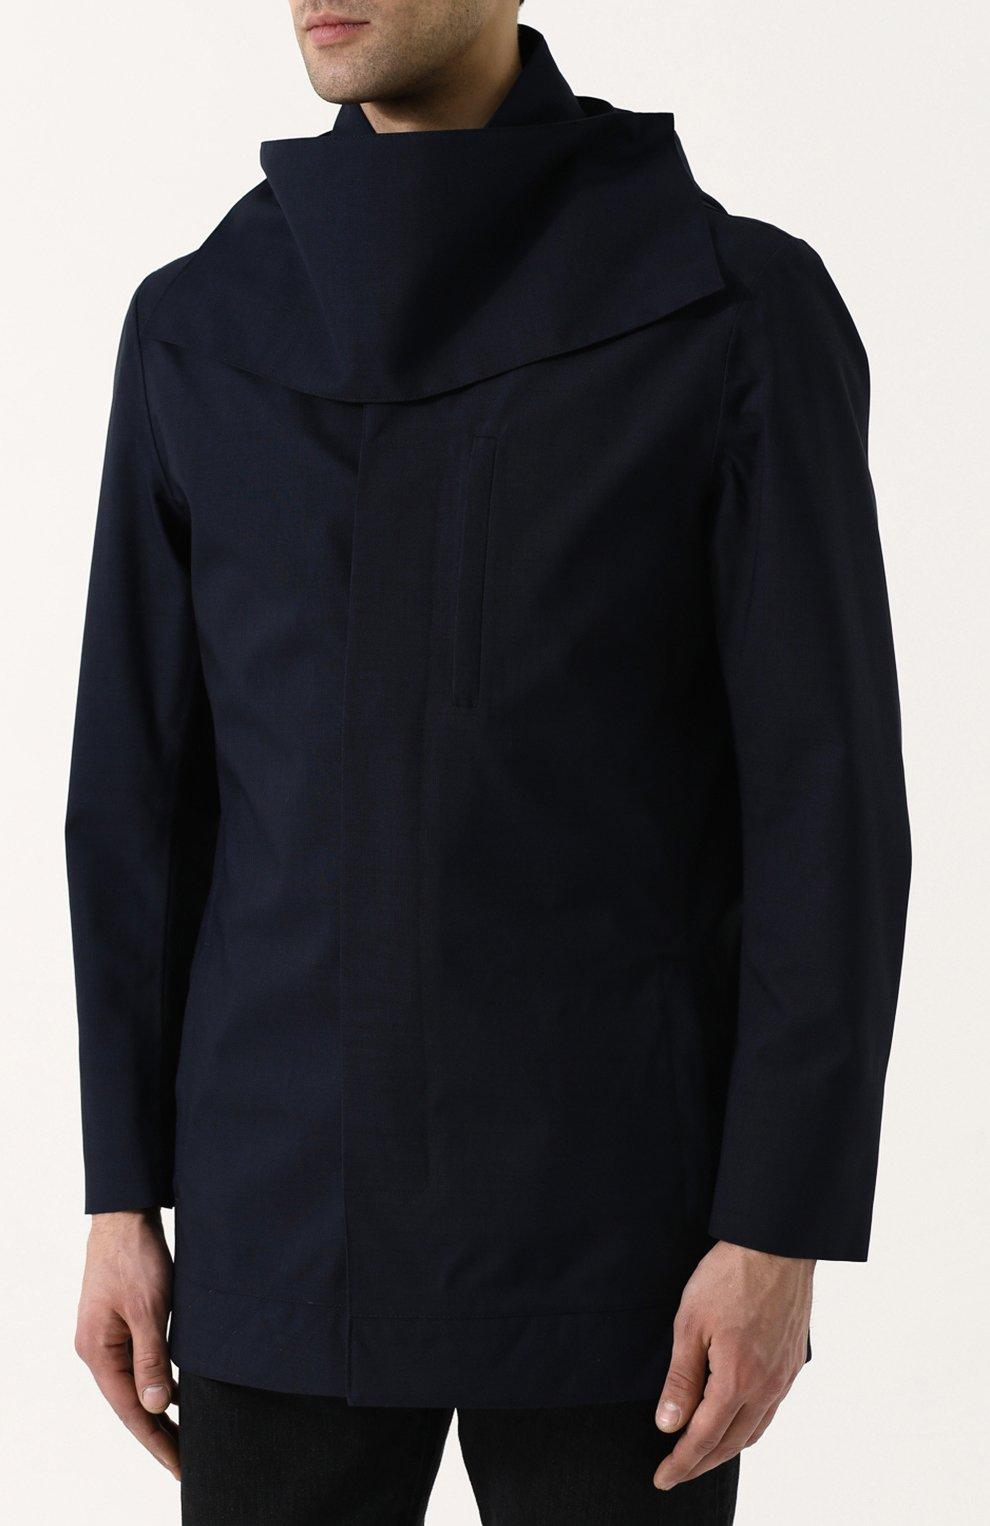 Мужской укороченный плащ на пуговицах с капюшоном NORWEGIAN RAIN темно-синего цвета, арт. CABAN SINGLE BREASTED/MIXED | Фото 3